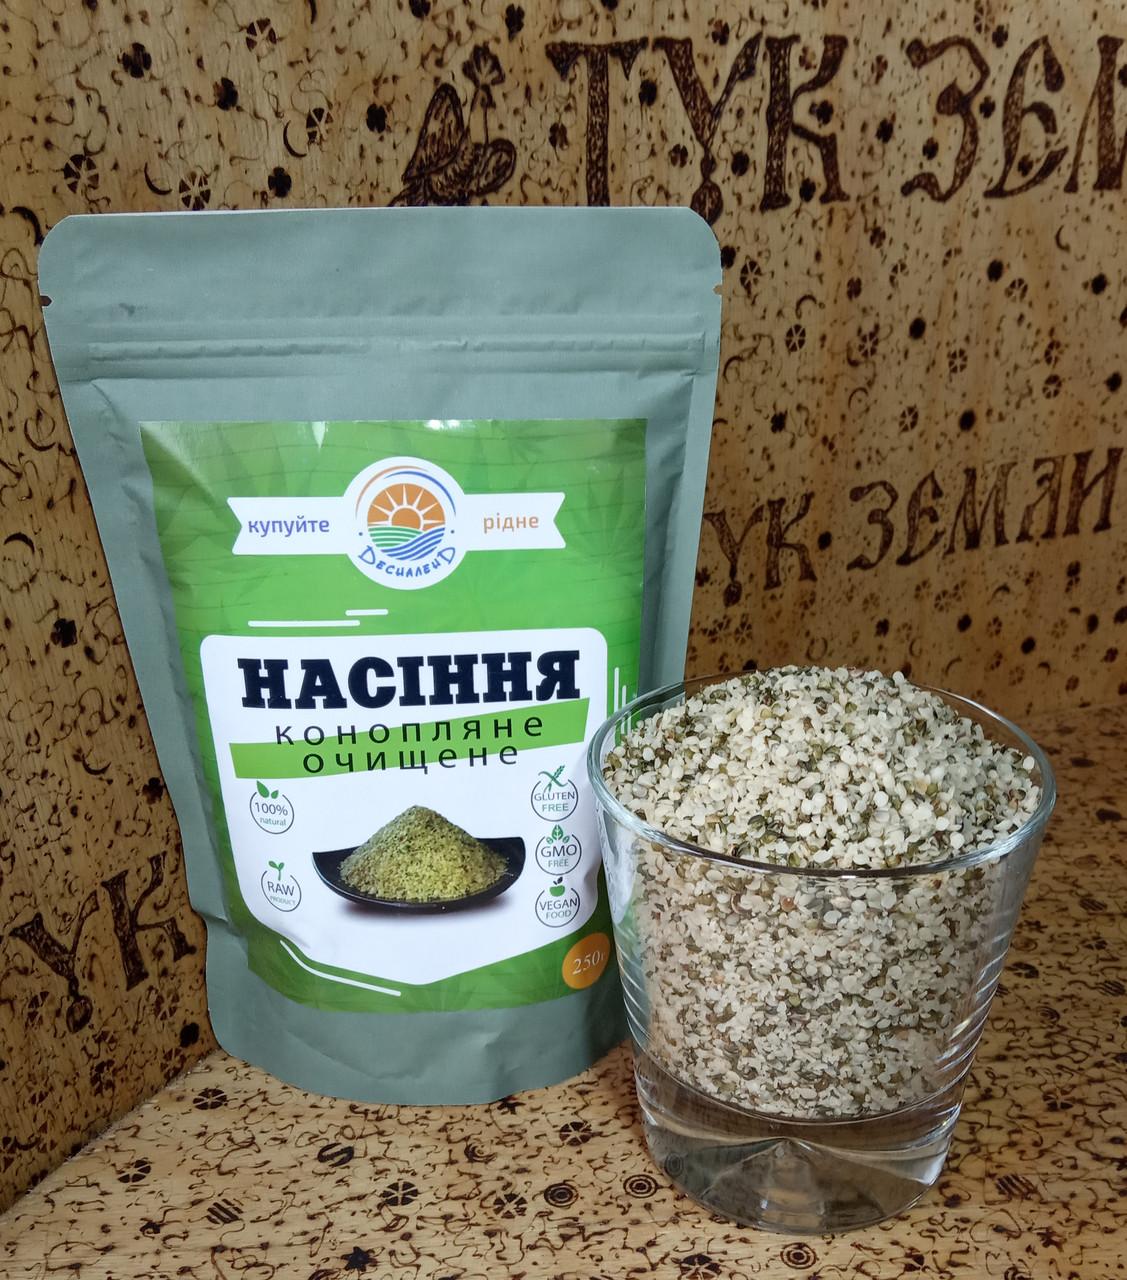 Магазин семена конопли в харькове конопля посадка семян в грунт